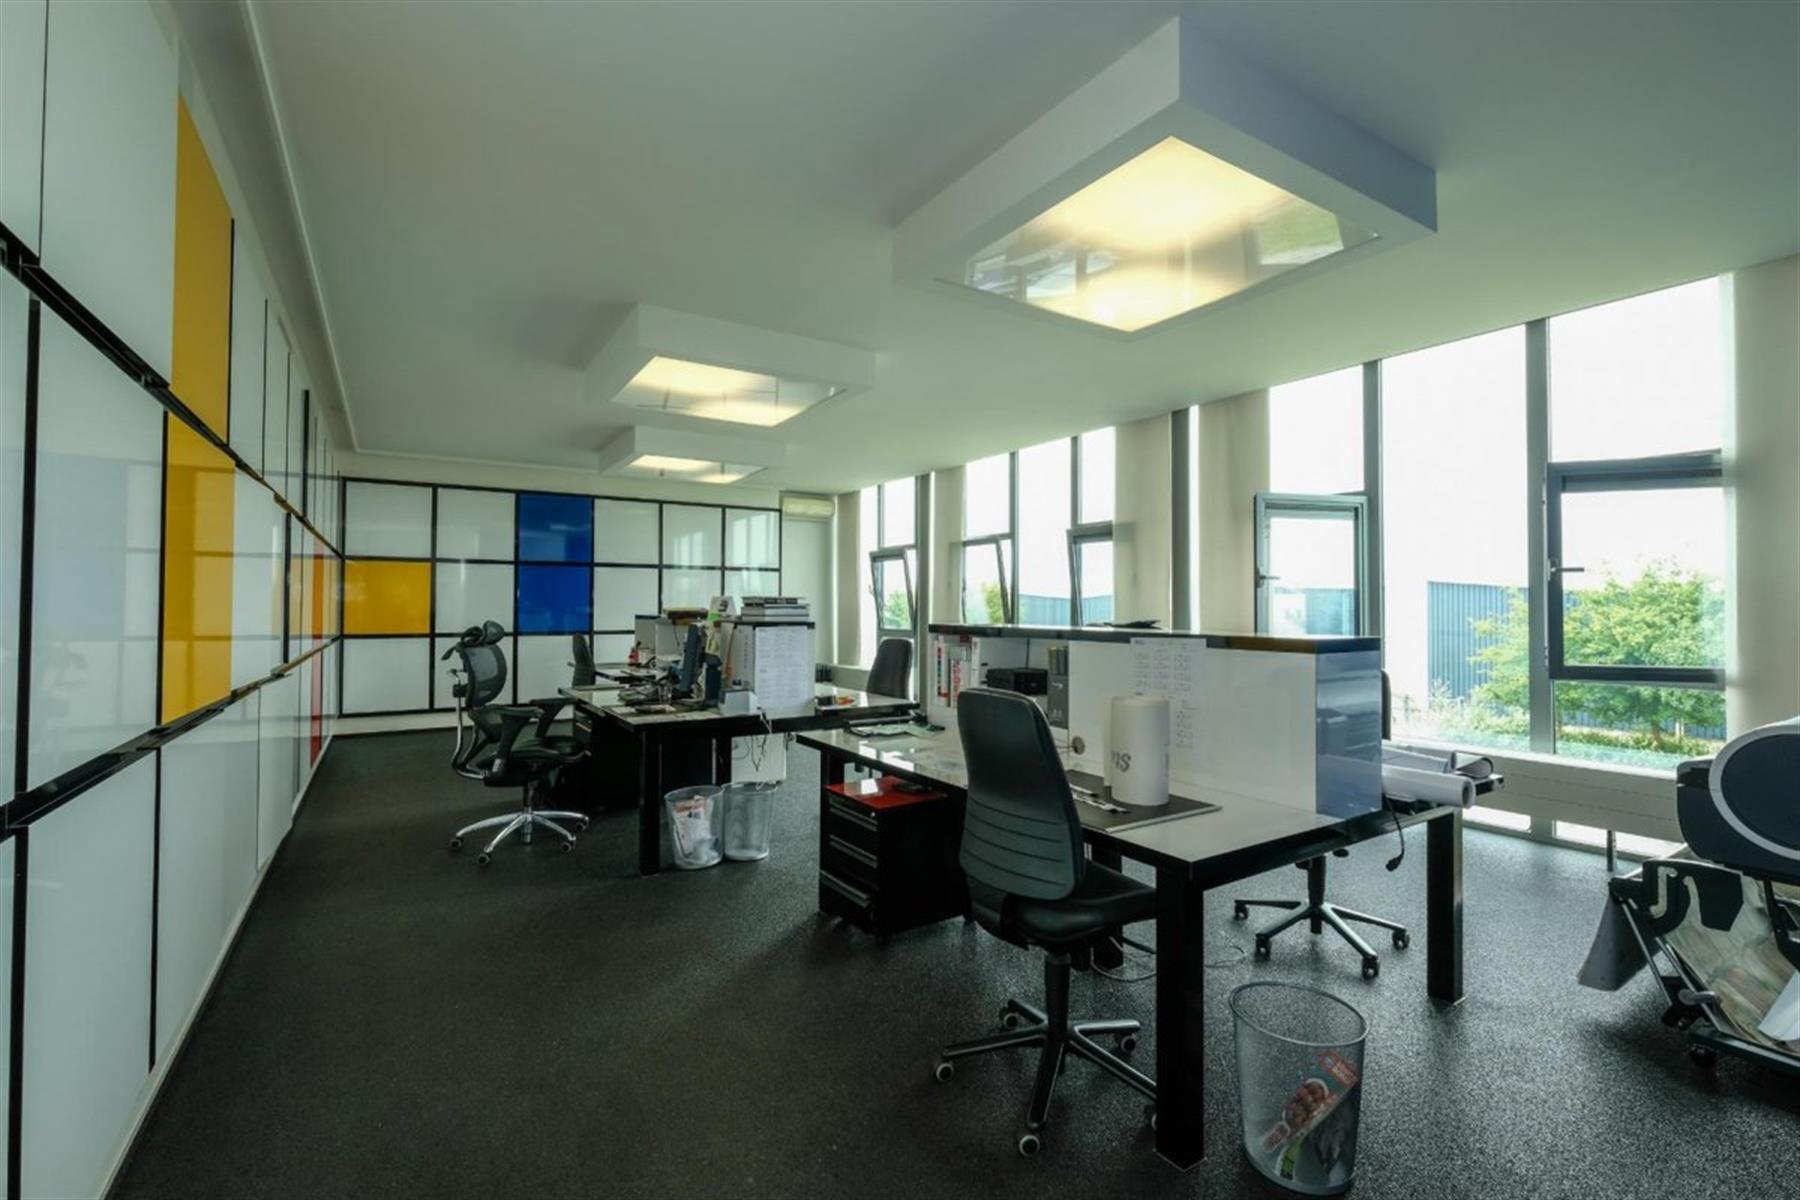 bedrijfsgebouw te koop I122 - Bedrijfsgebouw - Centrum-Zuid 3023 2, 3530 Houthalen-Helchteren, België 4